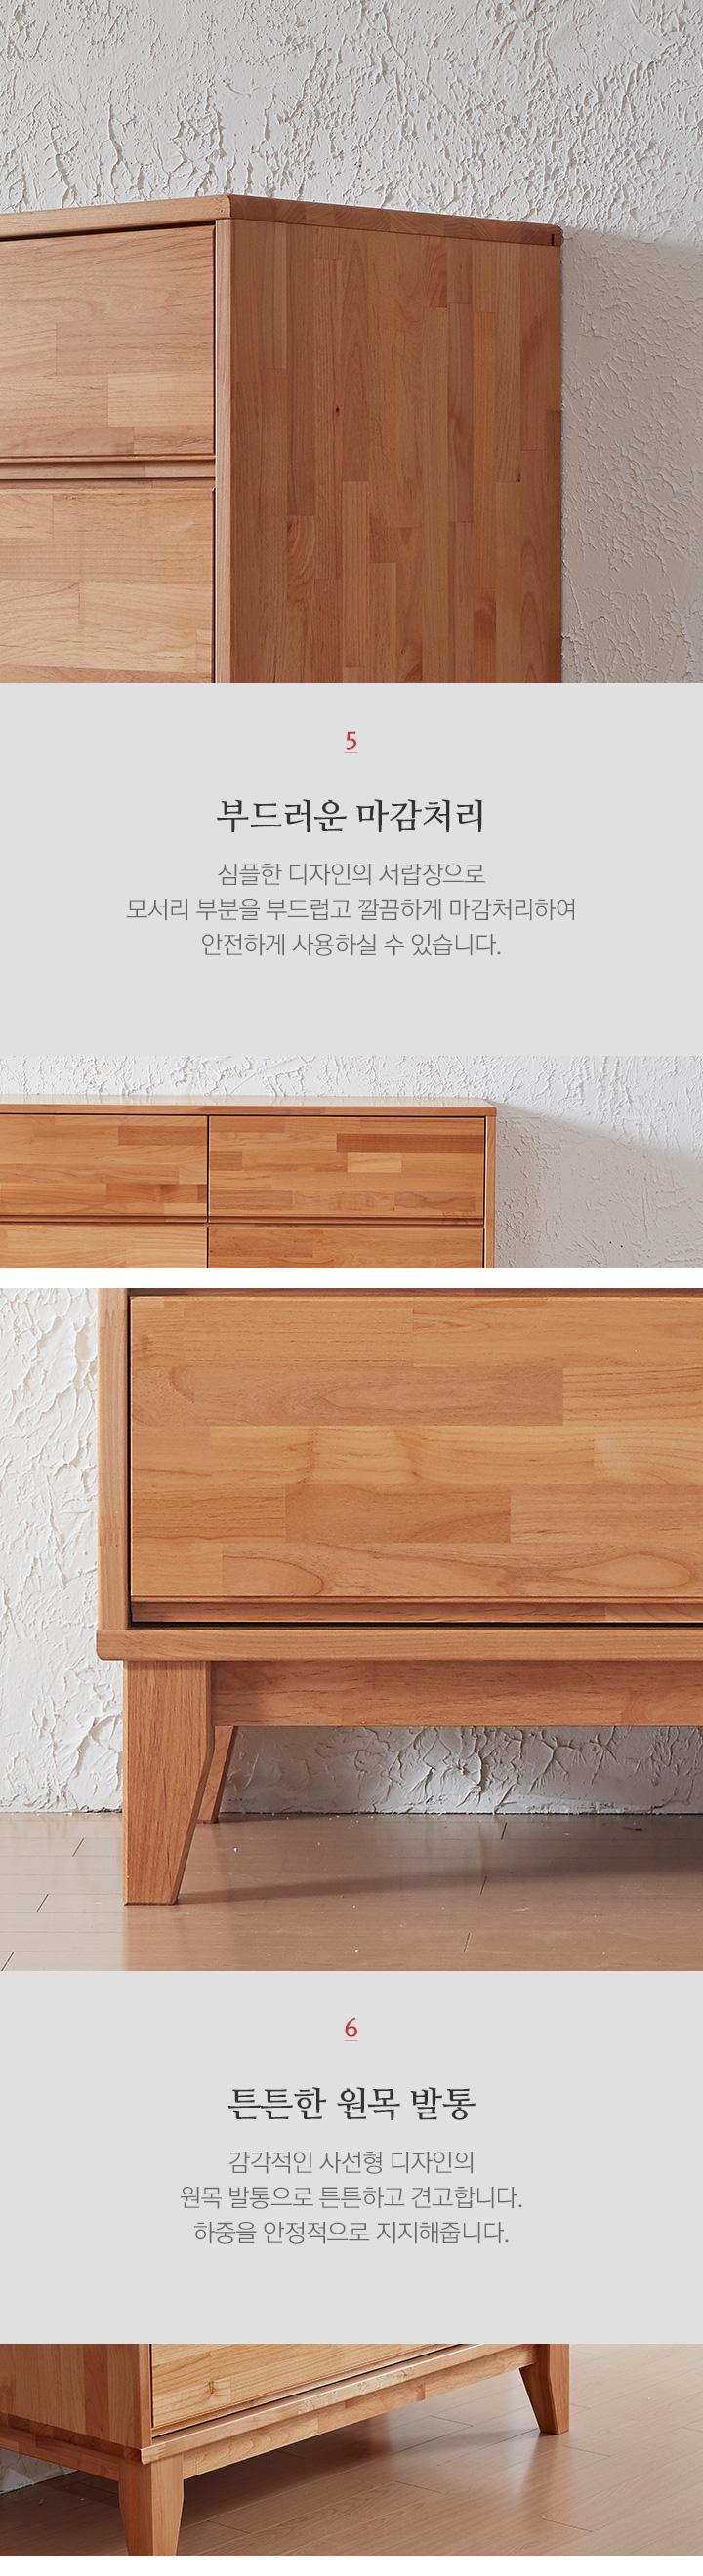 파니체 엘다 원목 3단 와이드 서랍장 - 로쏘, 648,830원, 서랍장, 와이드 서랍장